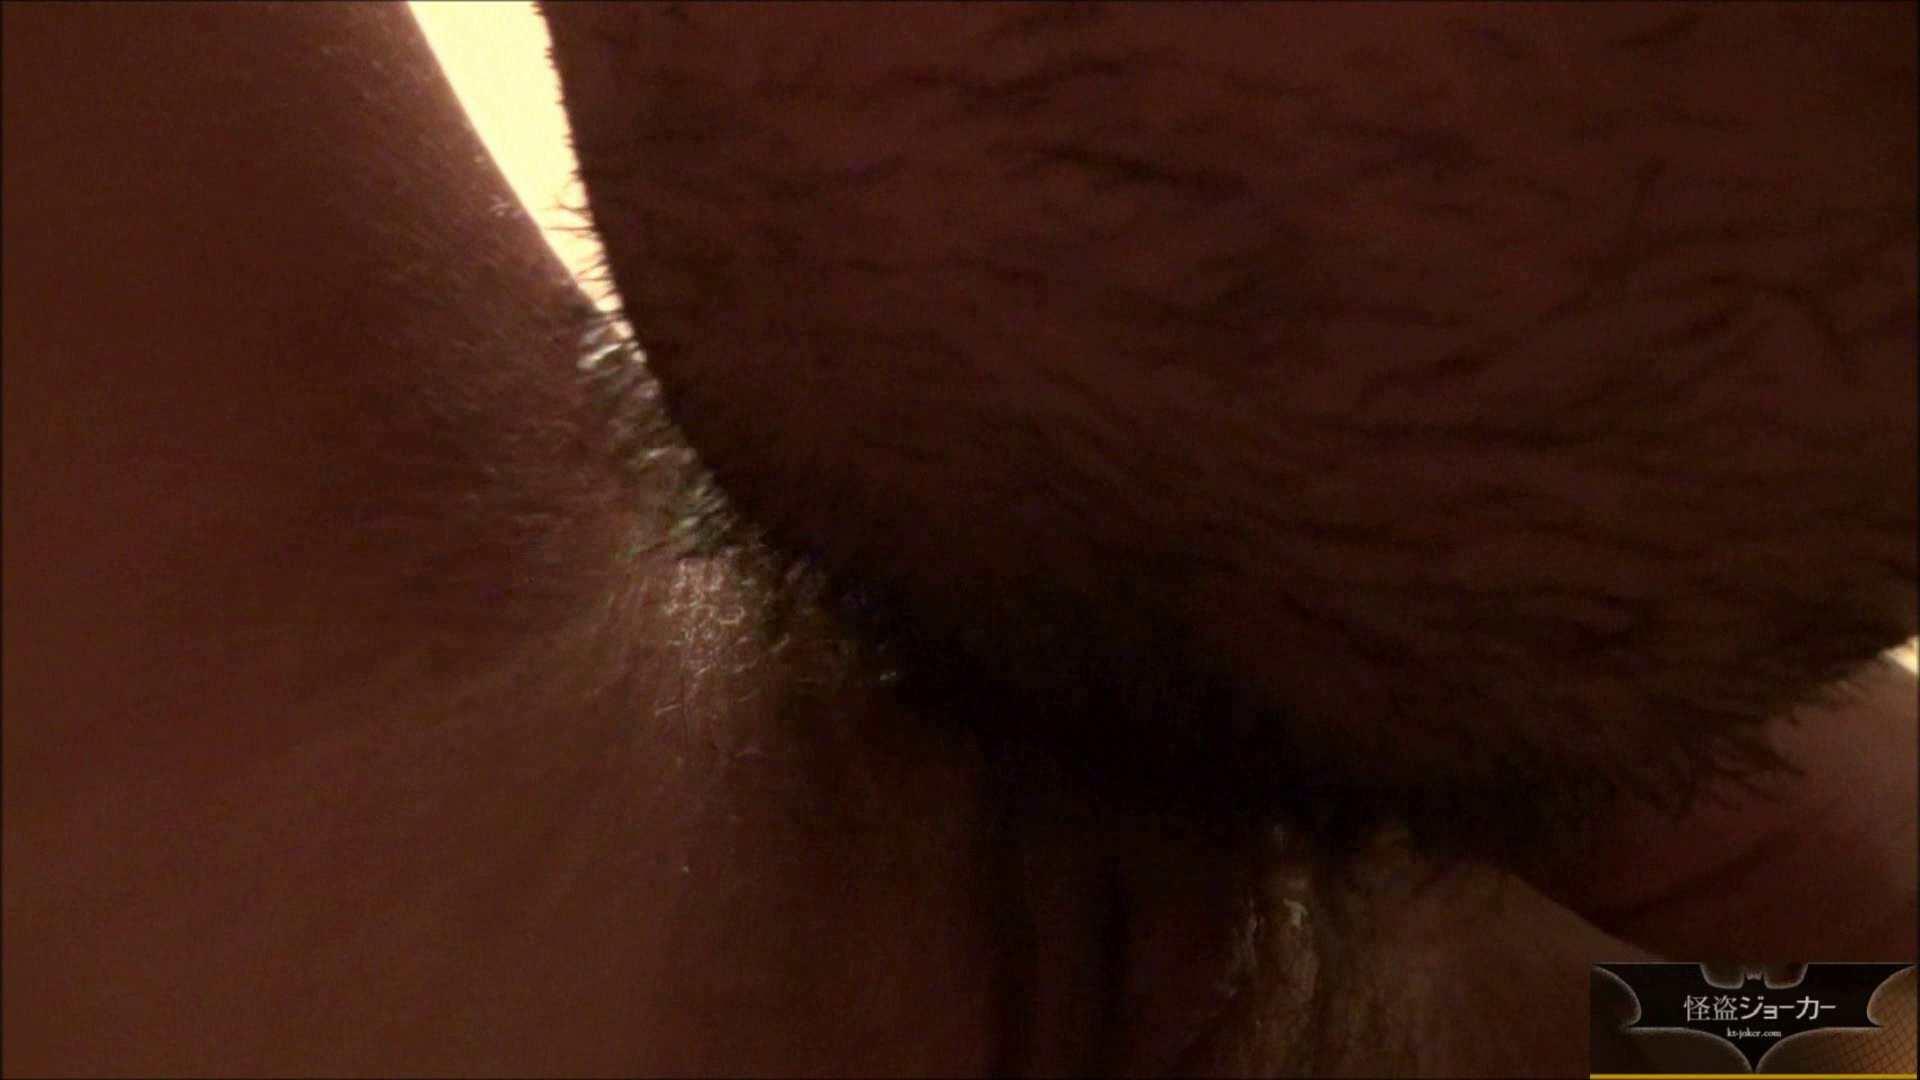 【未公開】vol.43 【朋葉】肉欲の関係。私のモノを欲し始め・・・ セックス 戯れ無修正画像 66画像 51